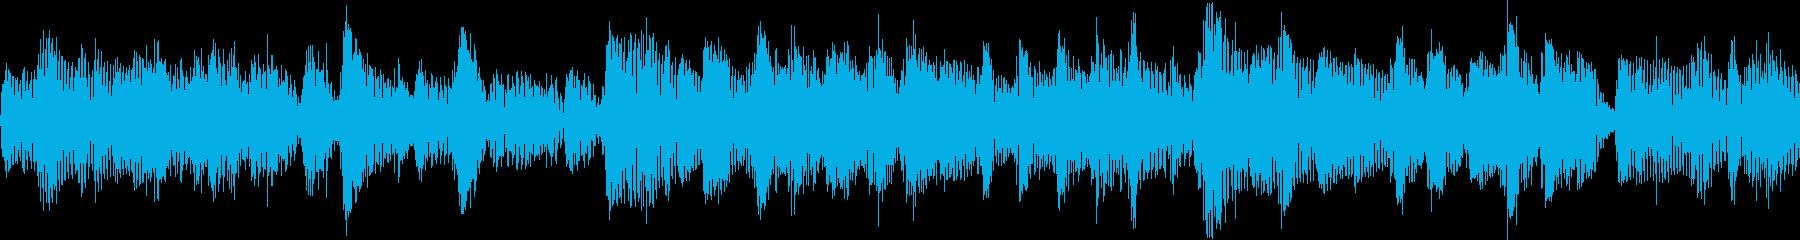 4ビートジャズのジングル2_(ループ)の再生済みの波形